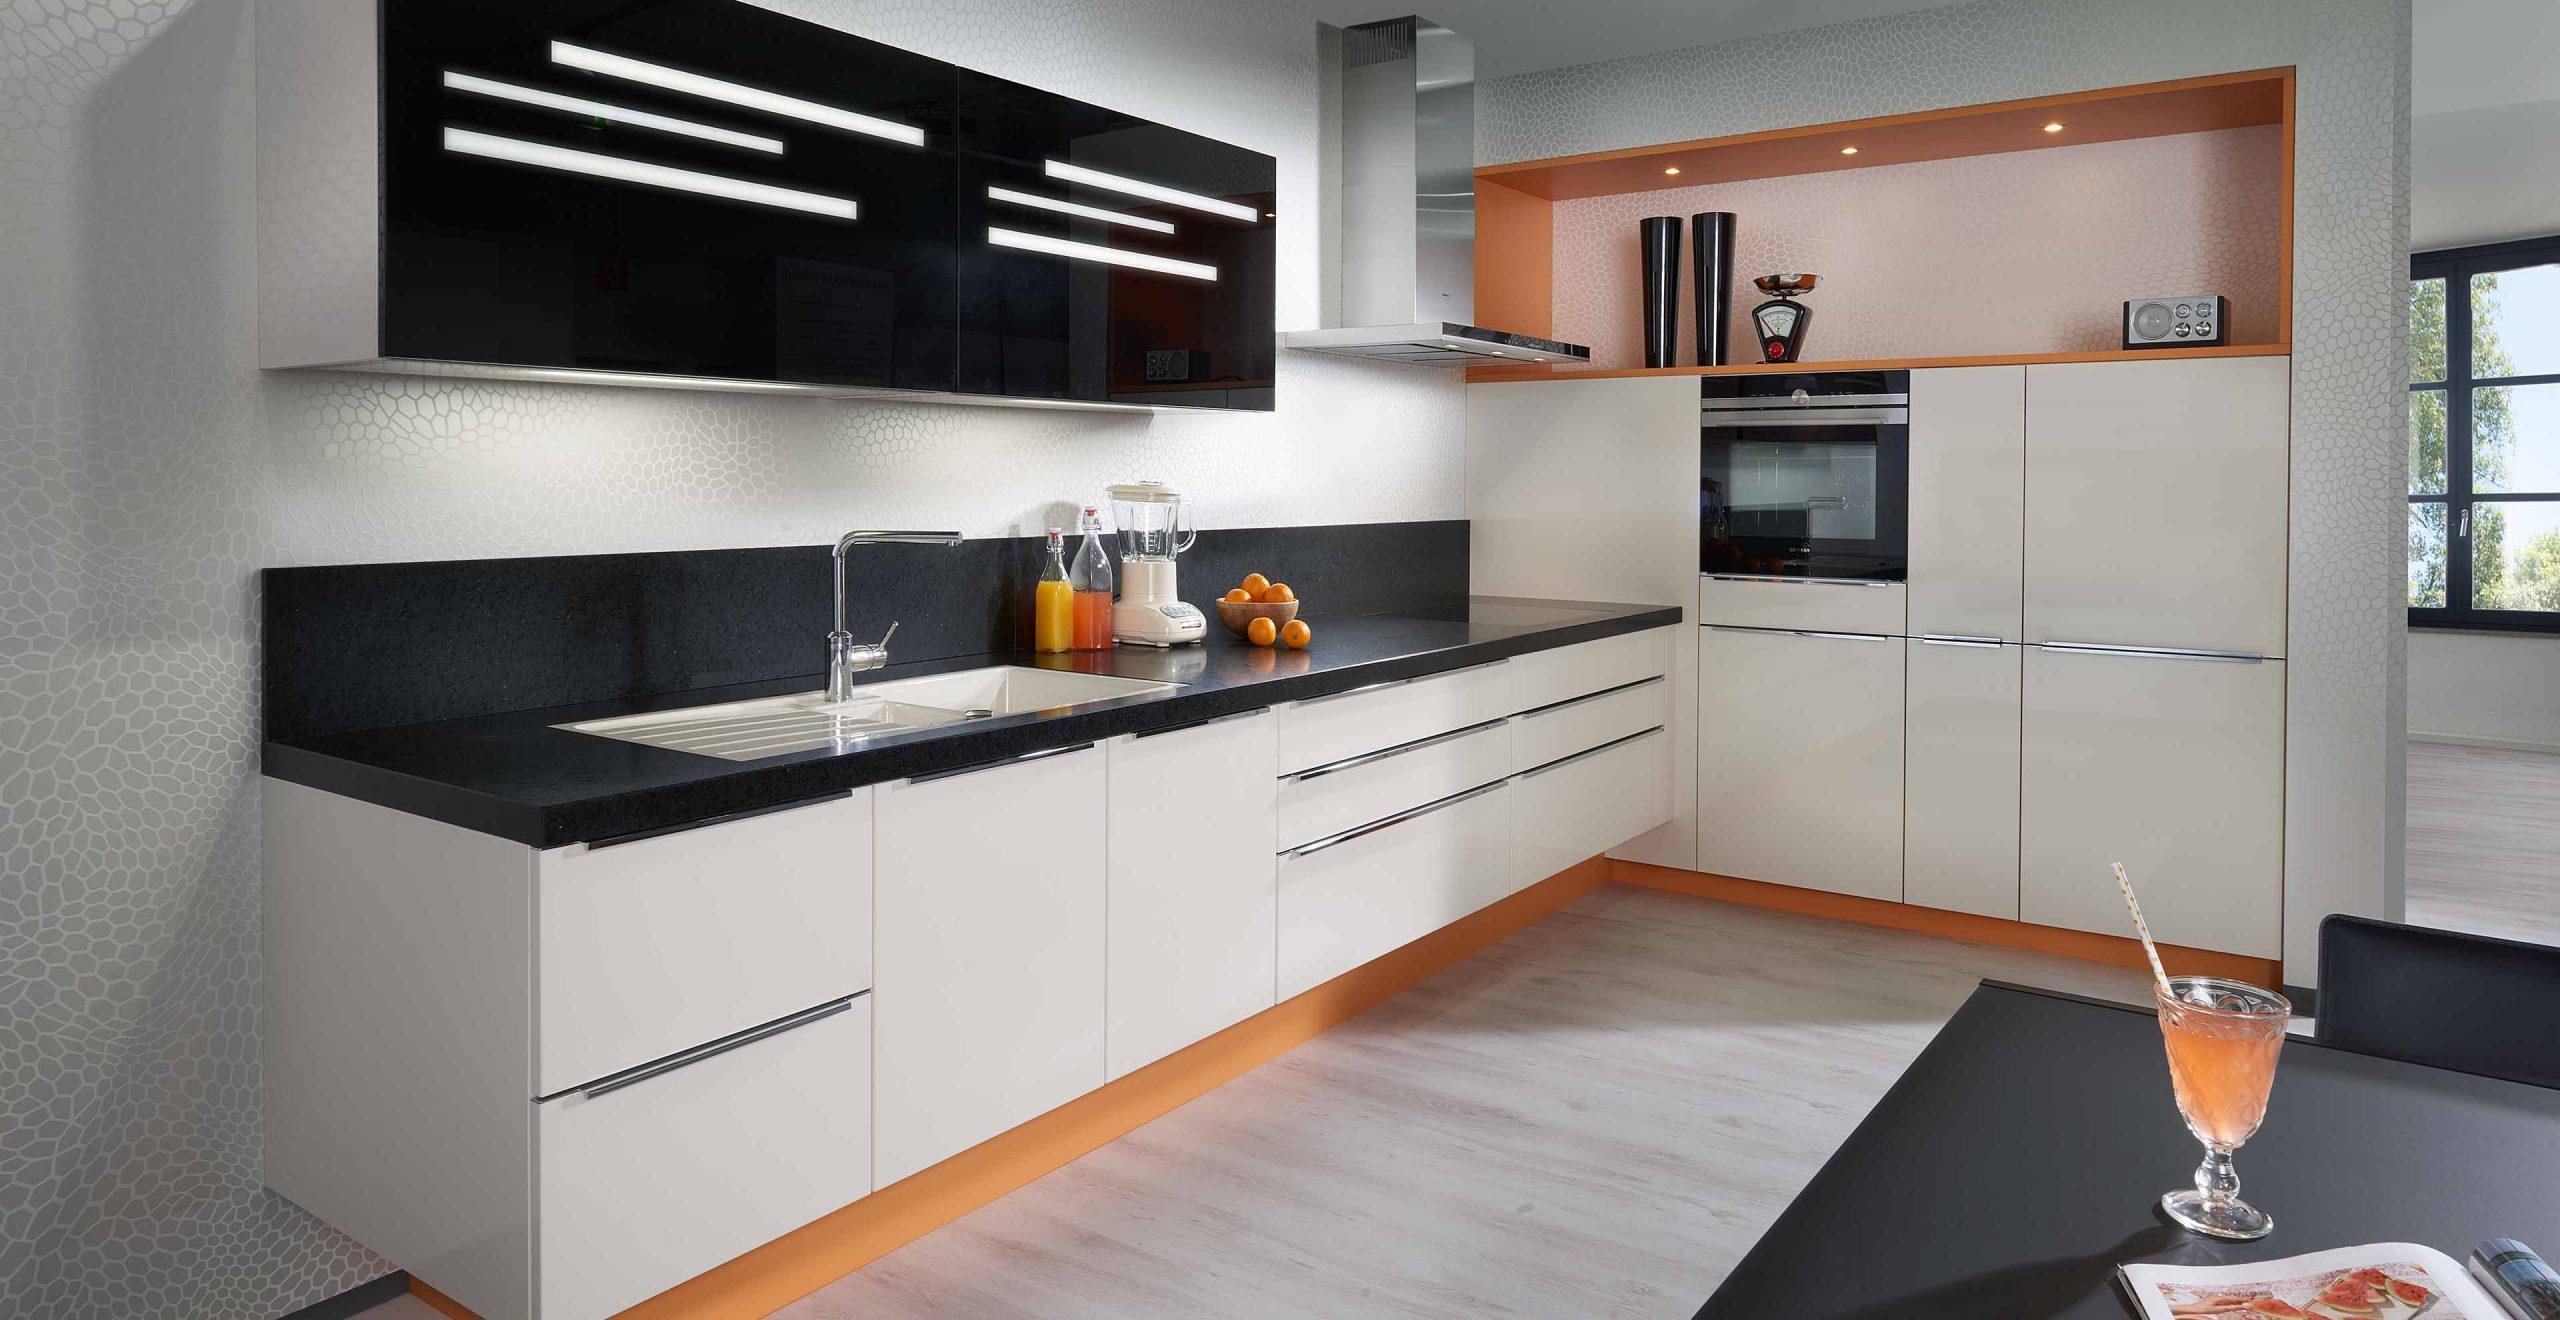 Full Size of Günstige Küche L Form Küche L Form Mit Insel Küche L Form Ohne Geräte Küche L Form Kaufen Küche Küche L Form